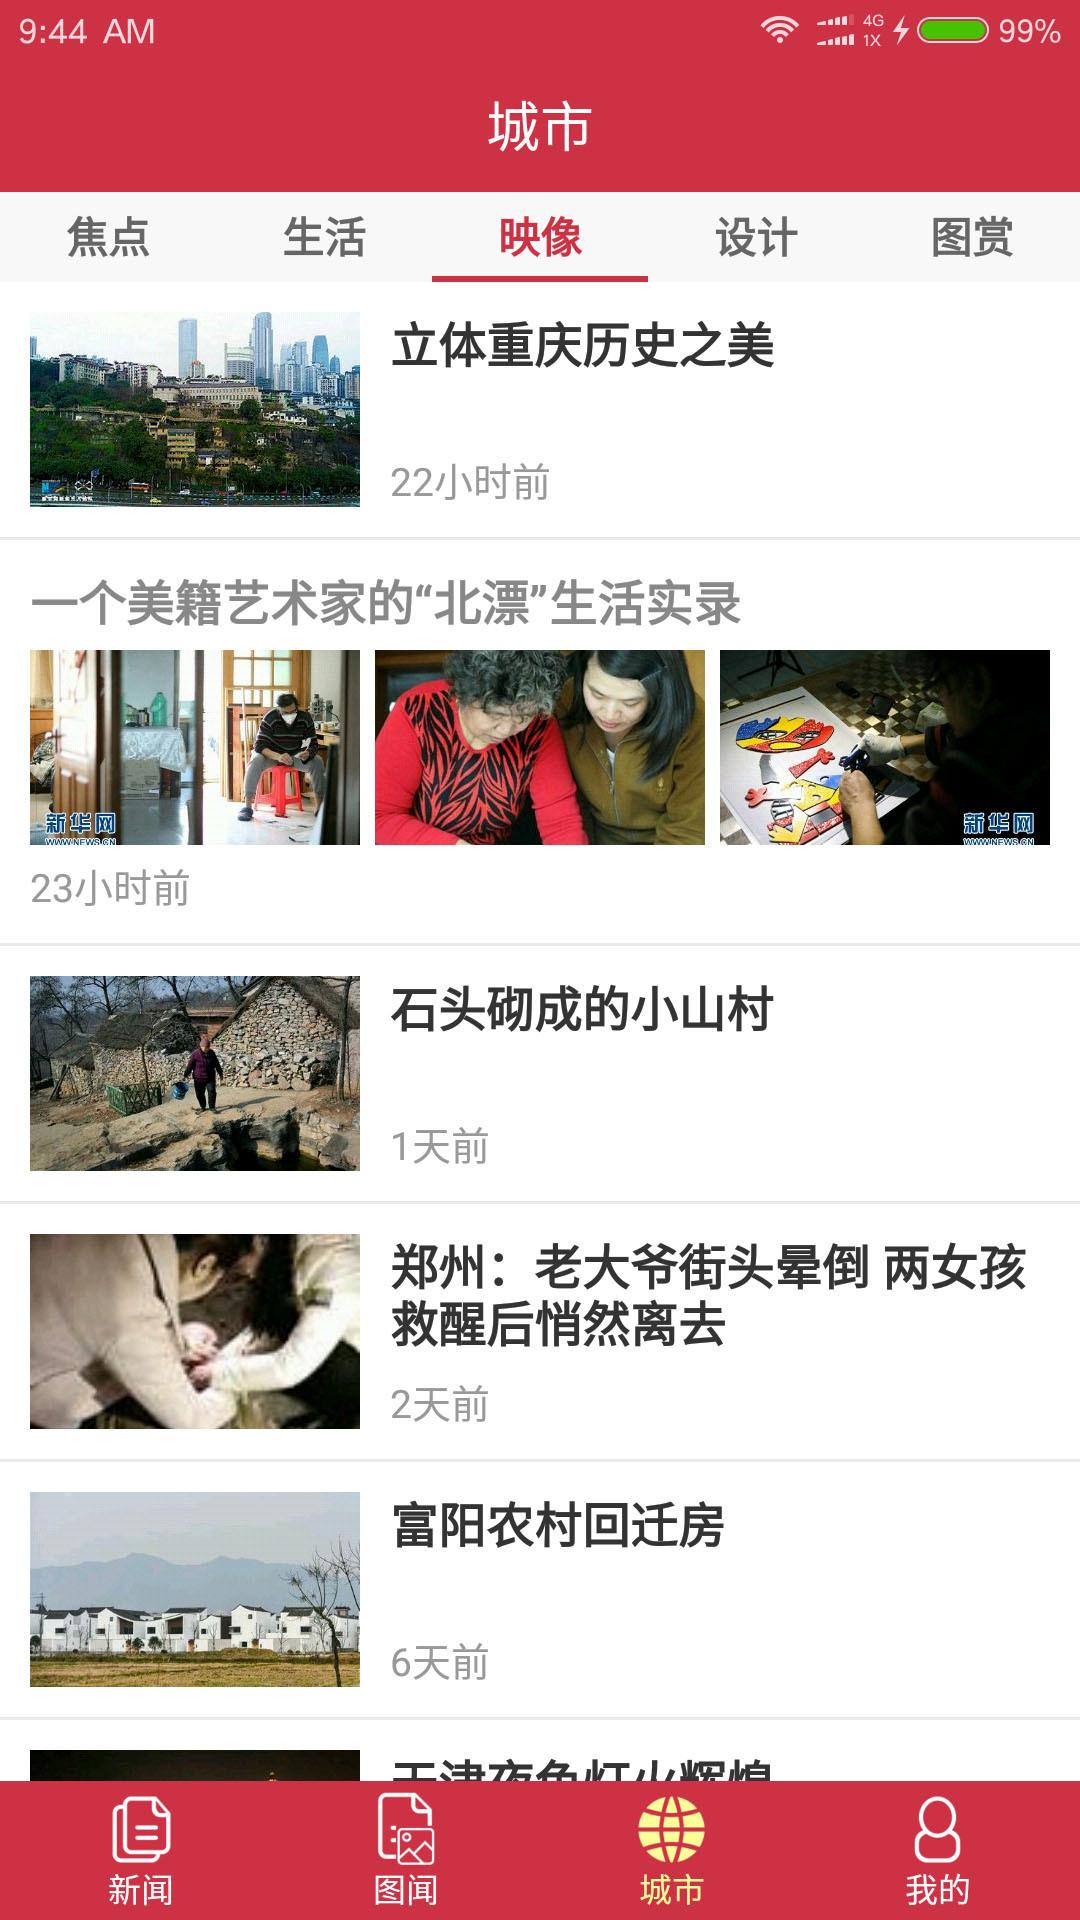 中华新闻截图